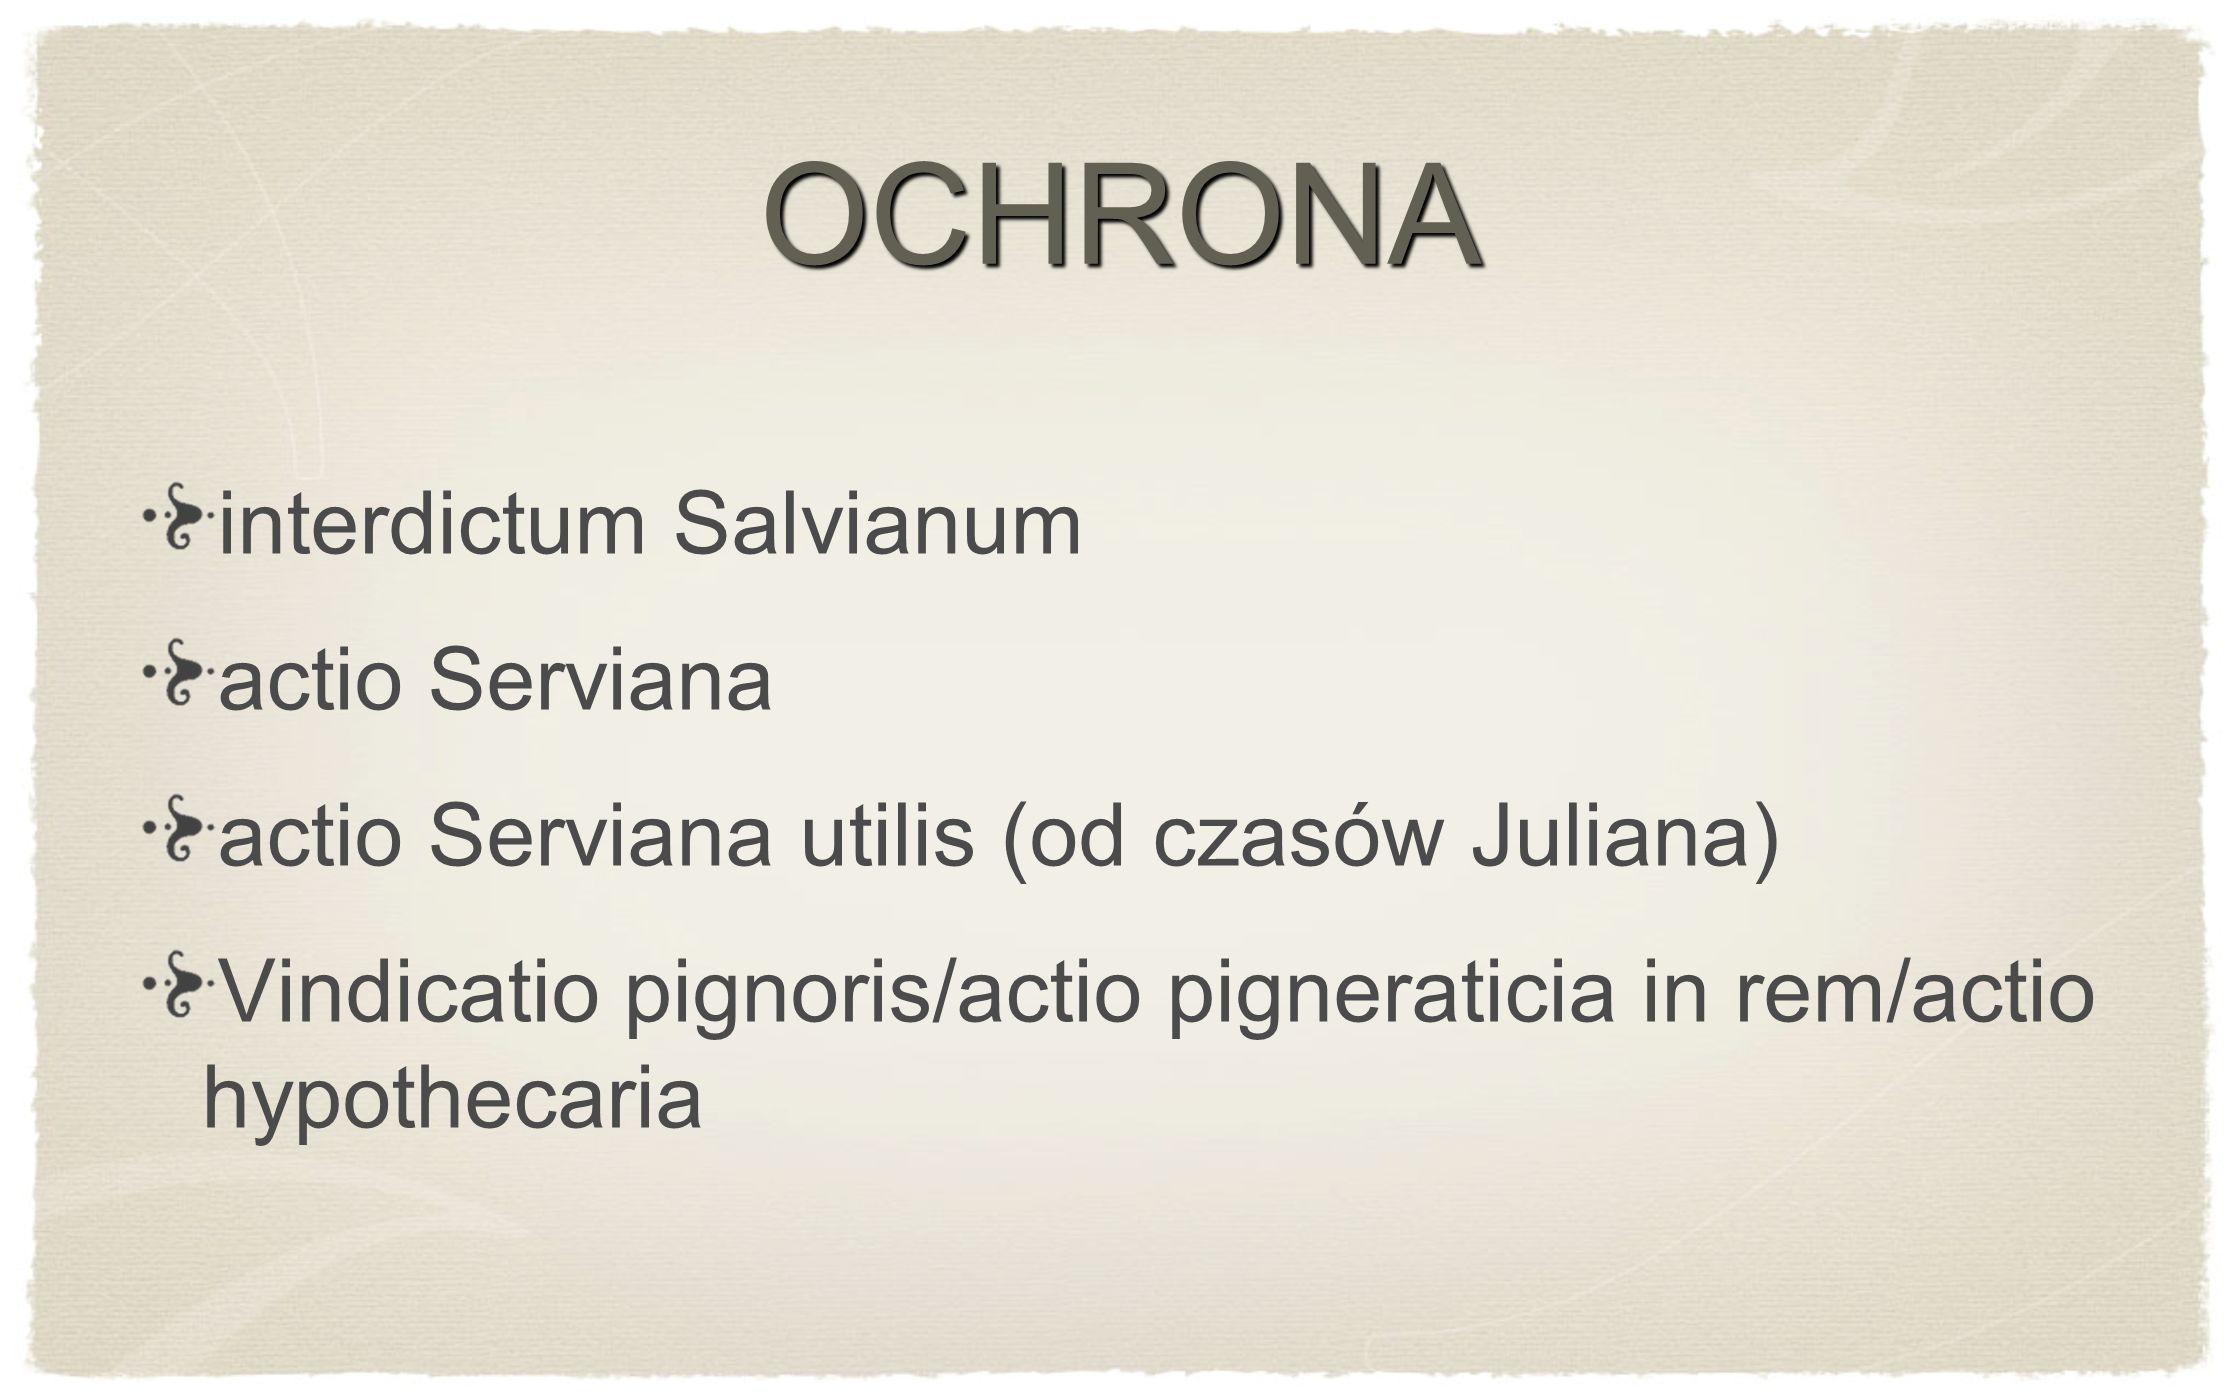 OCHRONA interdictum Salvianum actio Serviana